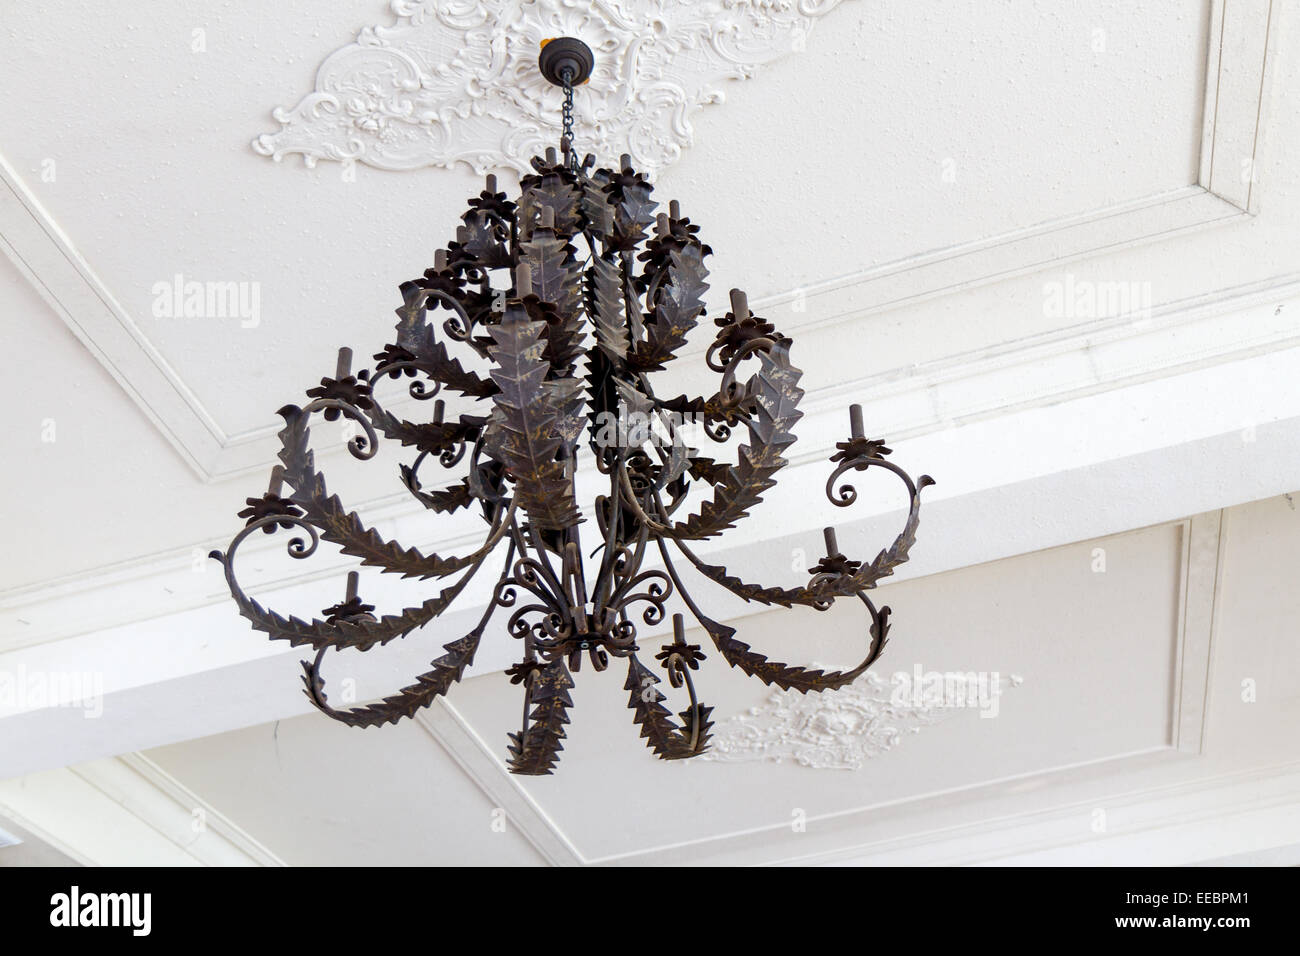 Kronleuchter Metall Für Kerzen ~ Vintage schwarze kerze halten von weißen decke hängen kronleuchter